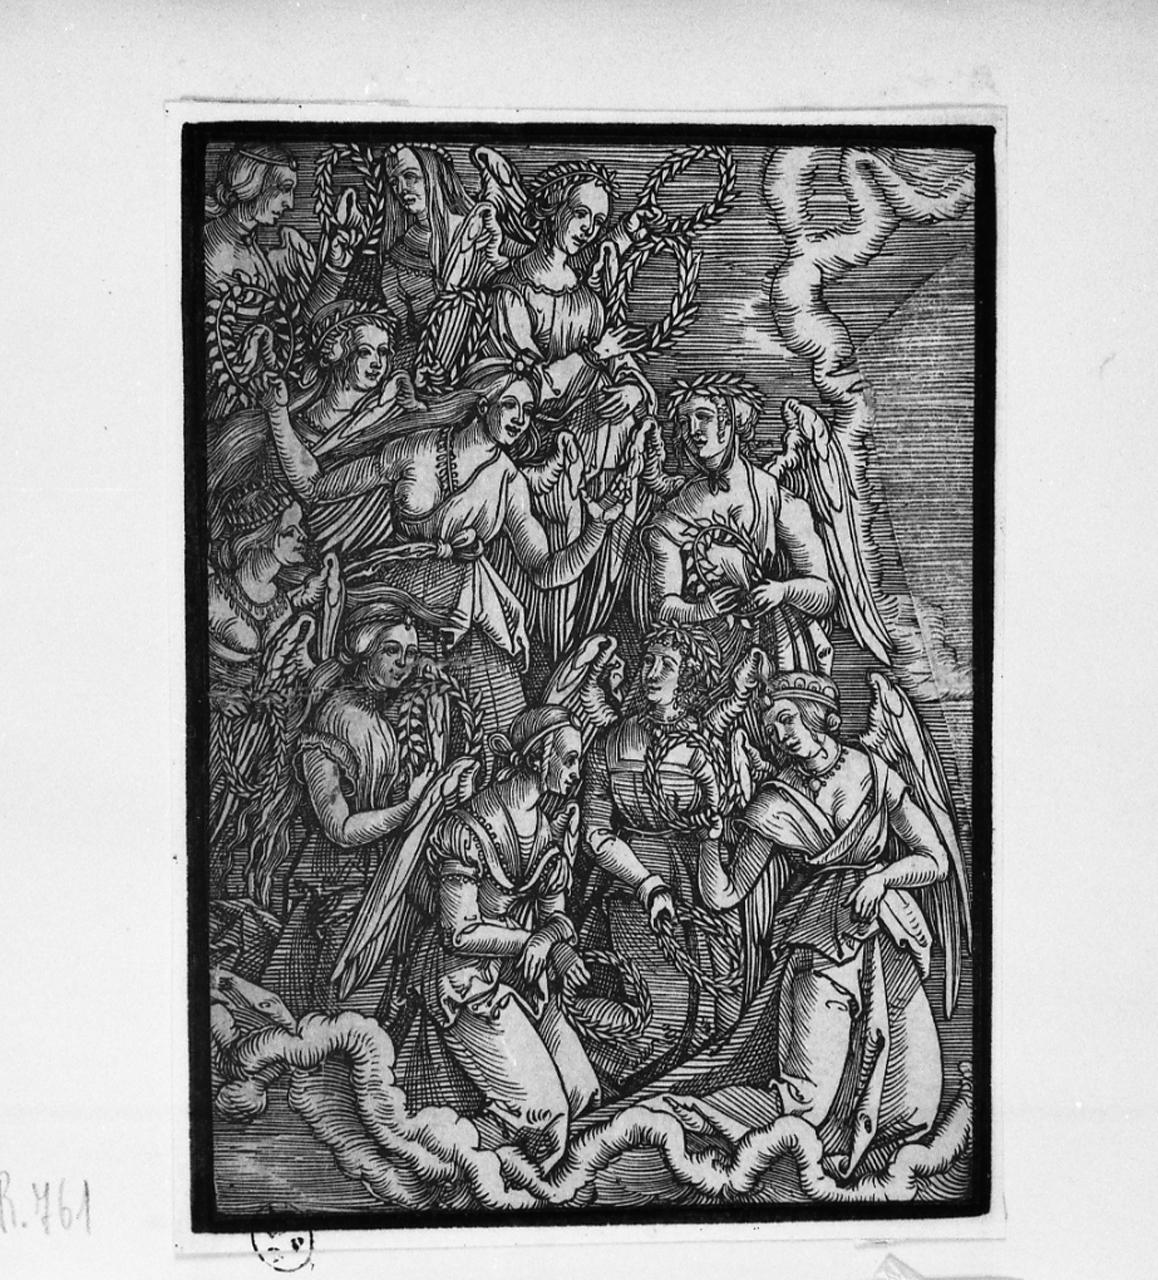 Gloria di angeli reggicorona, angeli reggicorona (stampa smarginata) - ambito Europa centro-settentrionale (sec. XVI, prima metà)